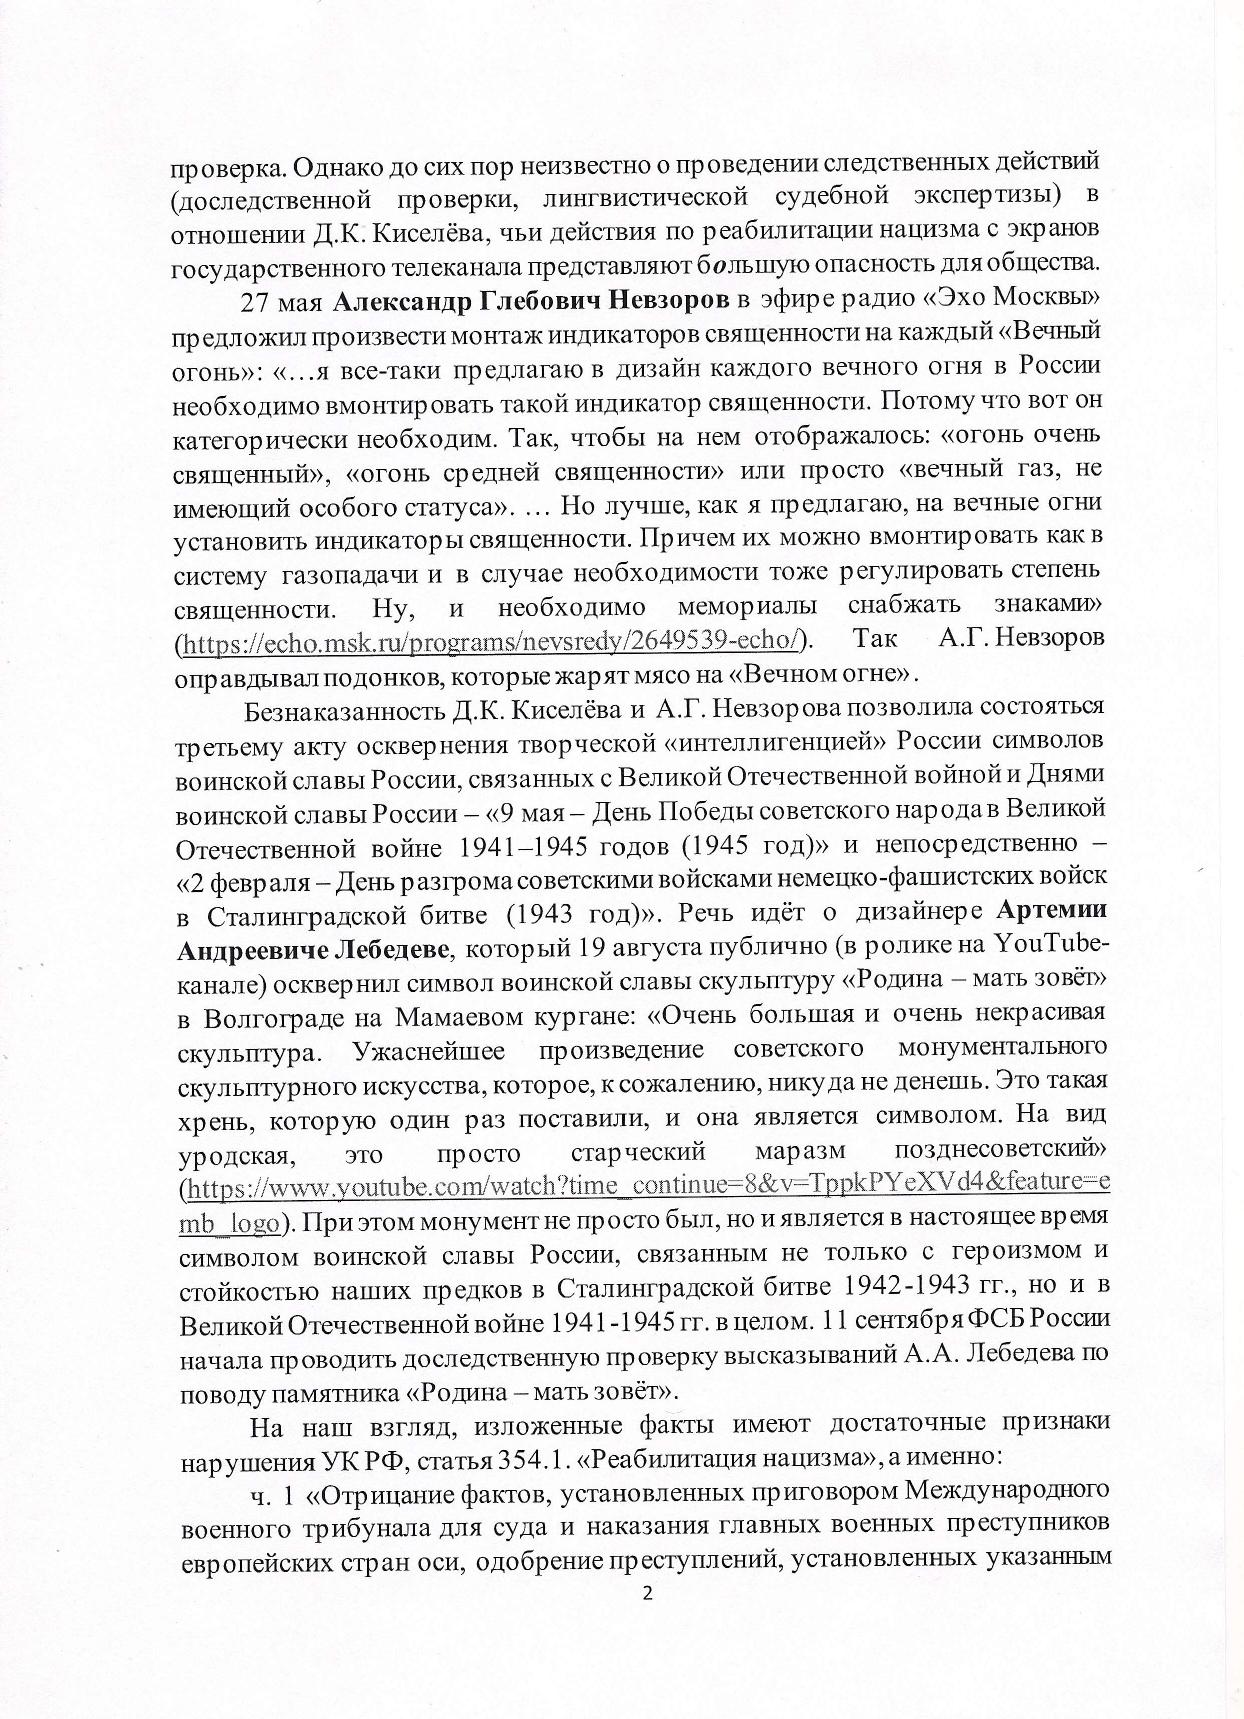 Краснову И.В., прокурорская проверка Д. Киселева, А. Невзорова, А. Лебедева